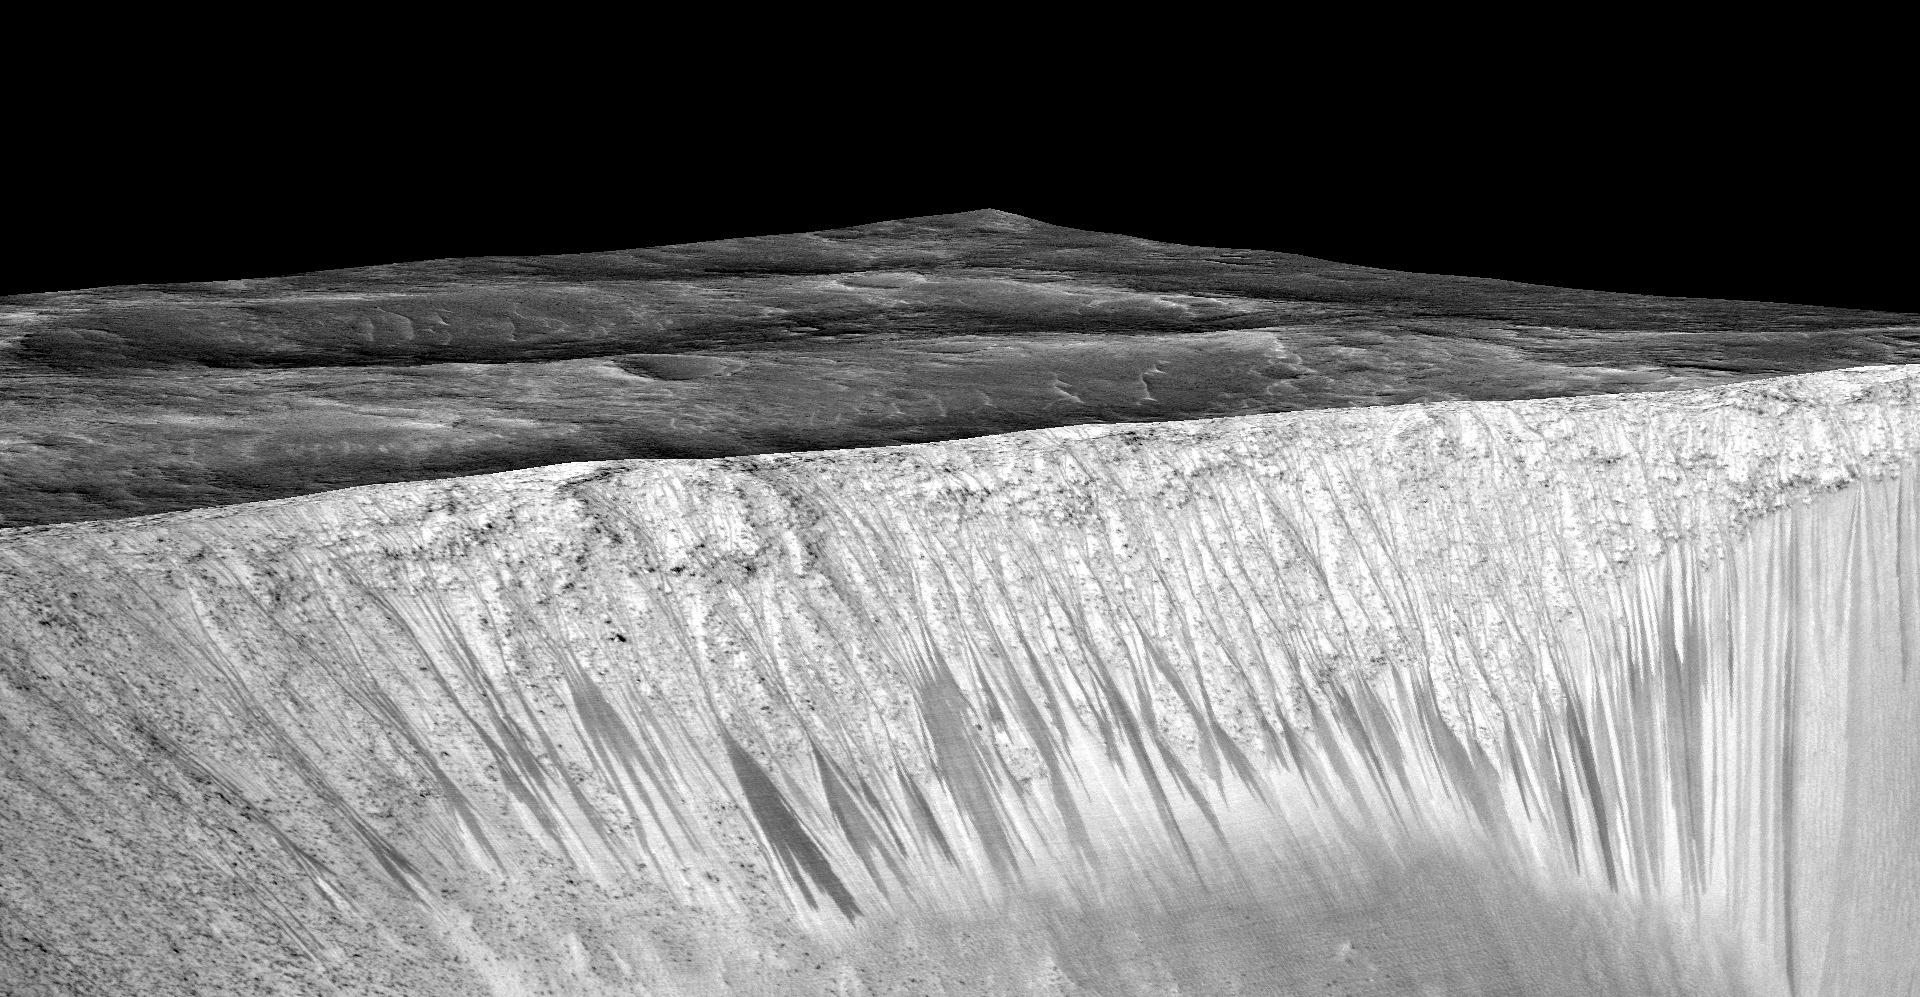 zhidkaya voda na Marse fotografii NASA 3 copy